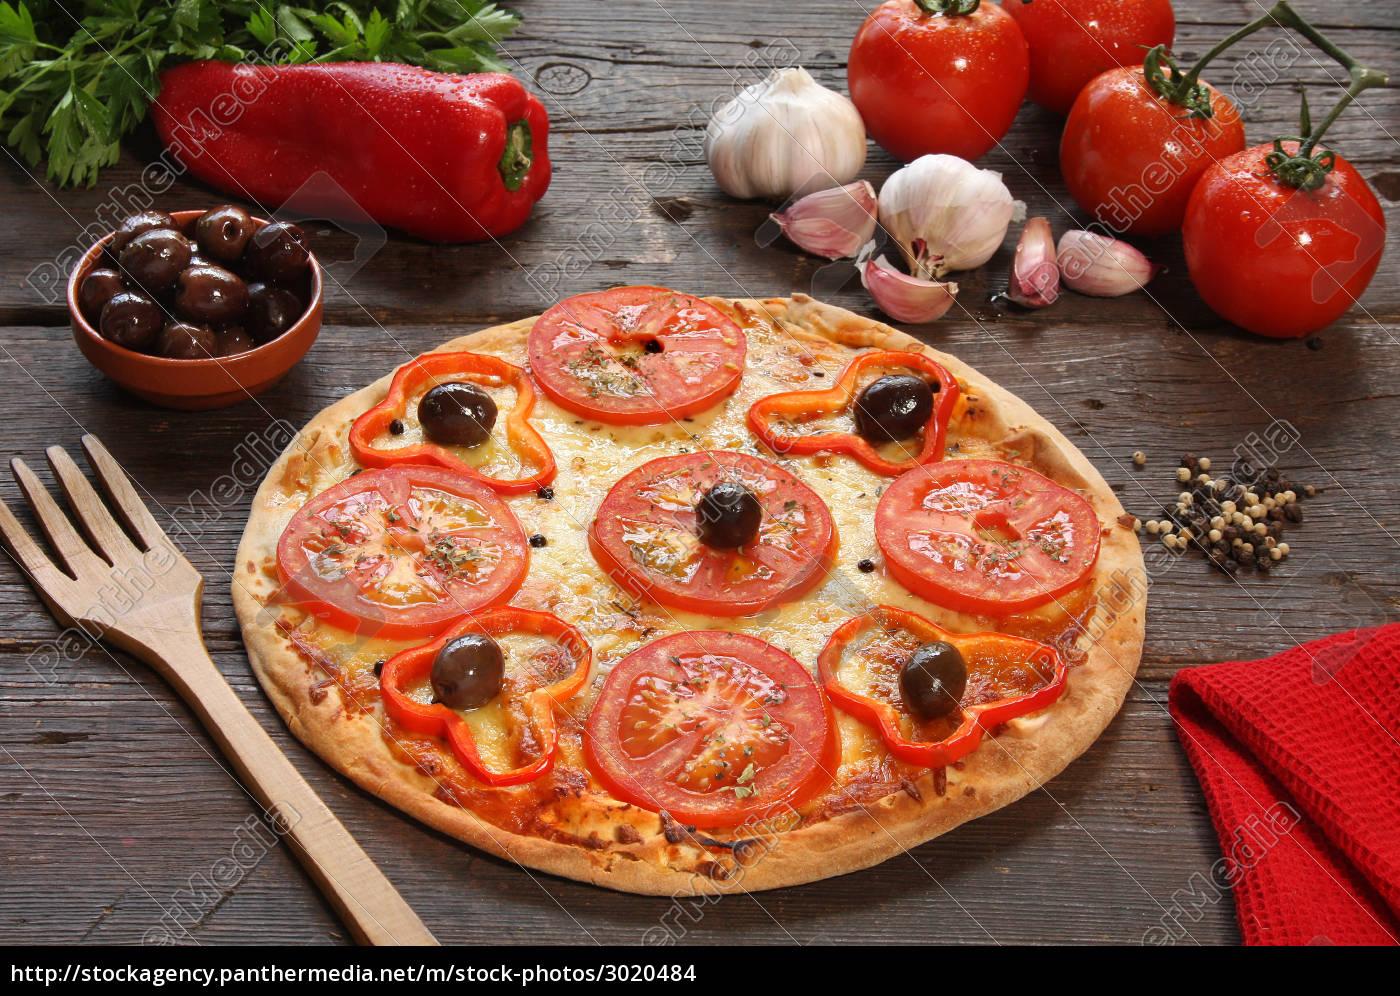 tomato, pizza - 3020484